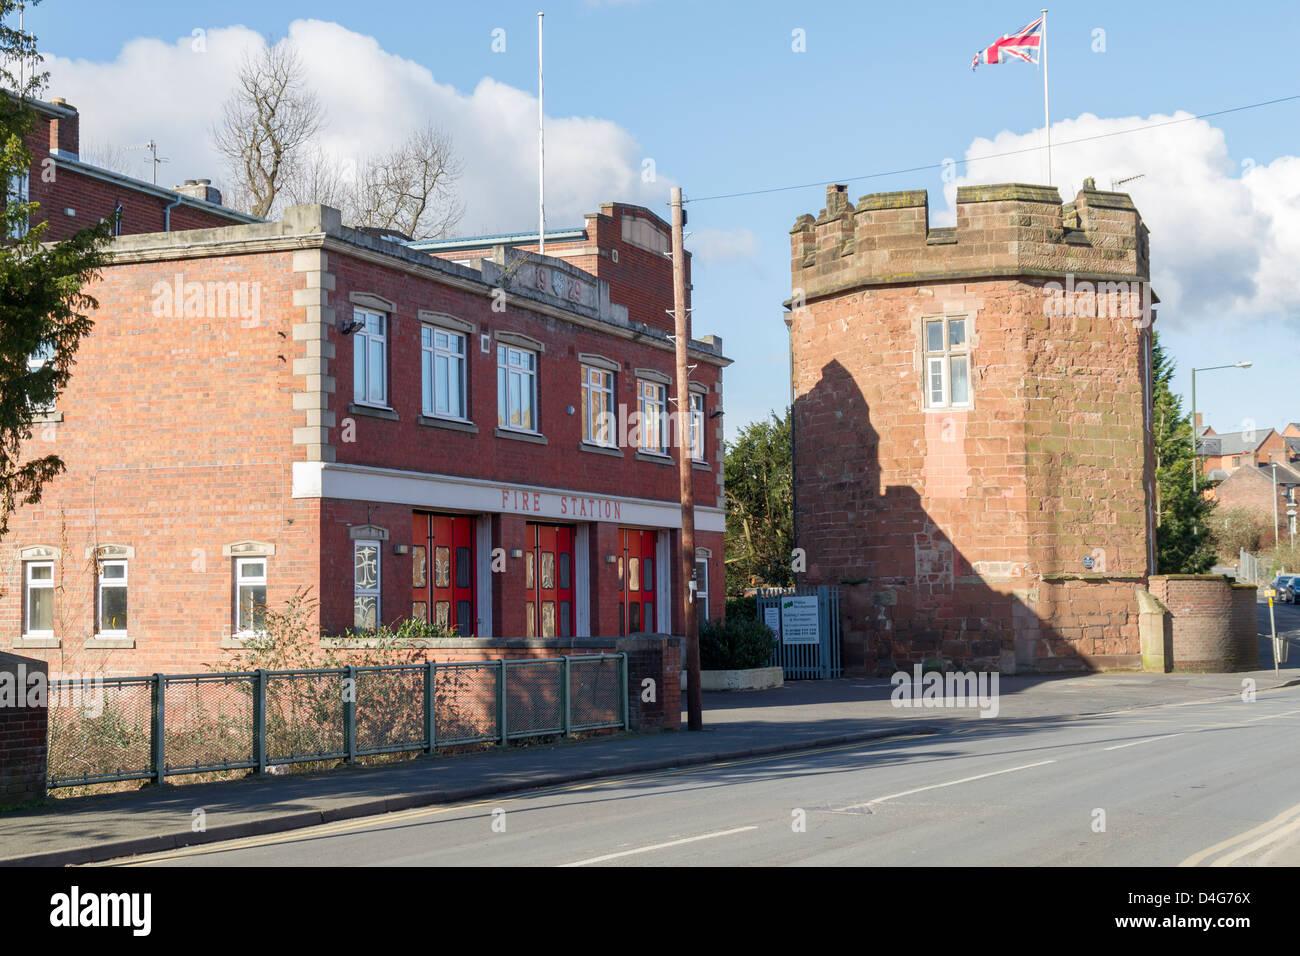 Kidderminster fire station - Stock Image